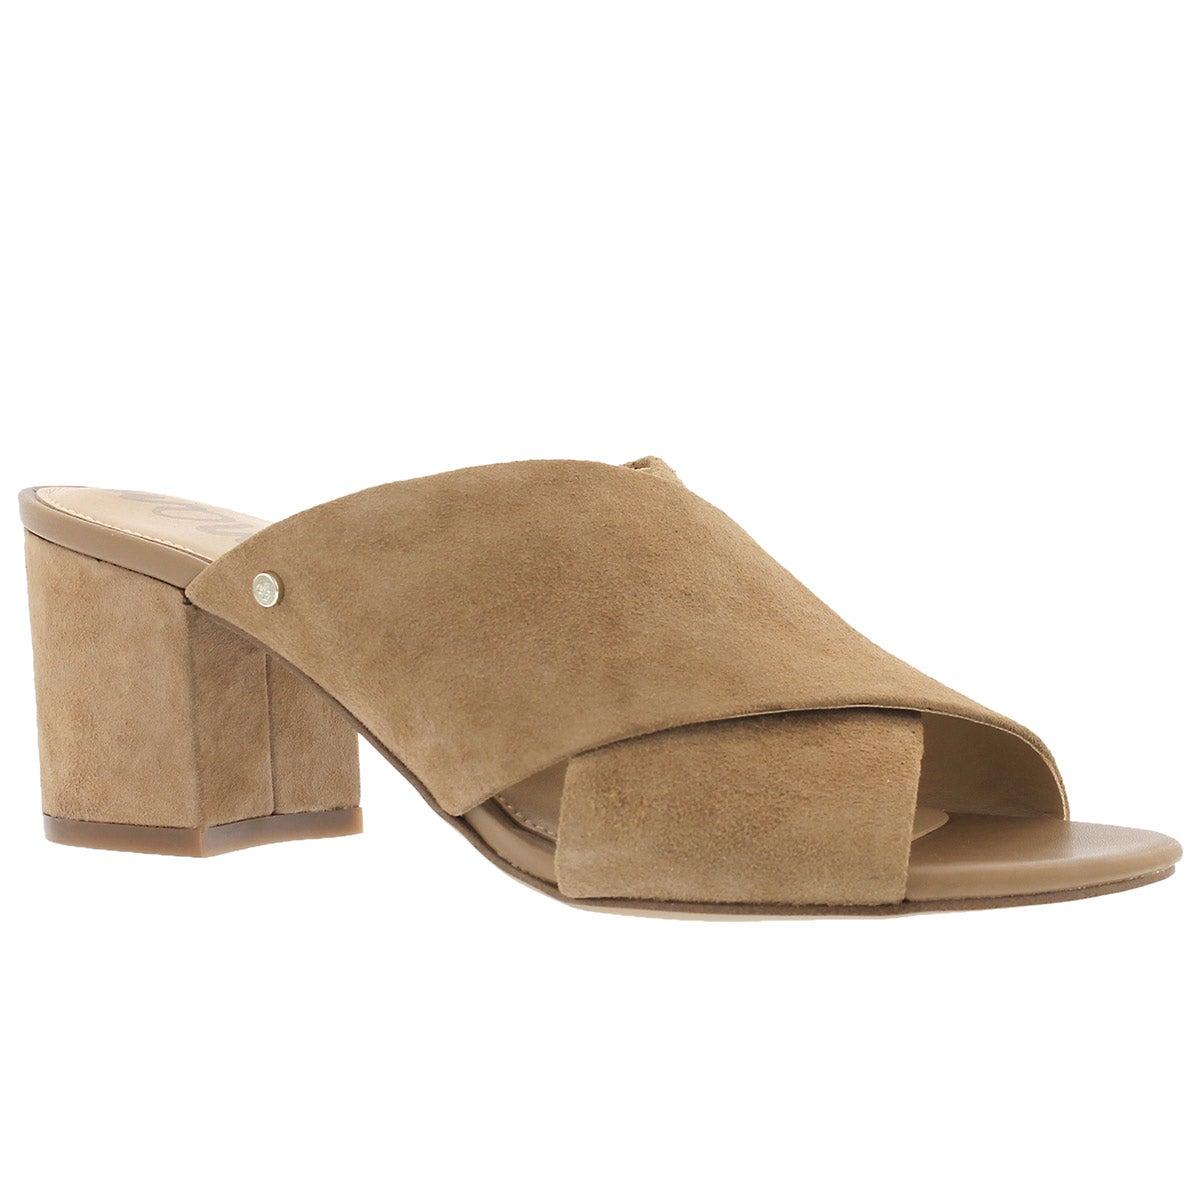 Women's STANLEY oatmeal slide dress sandals